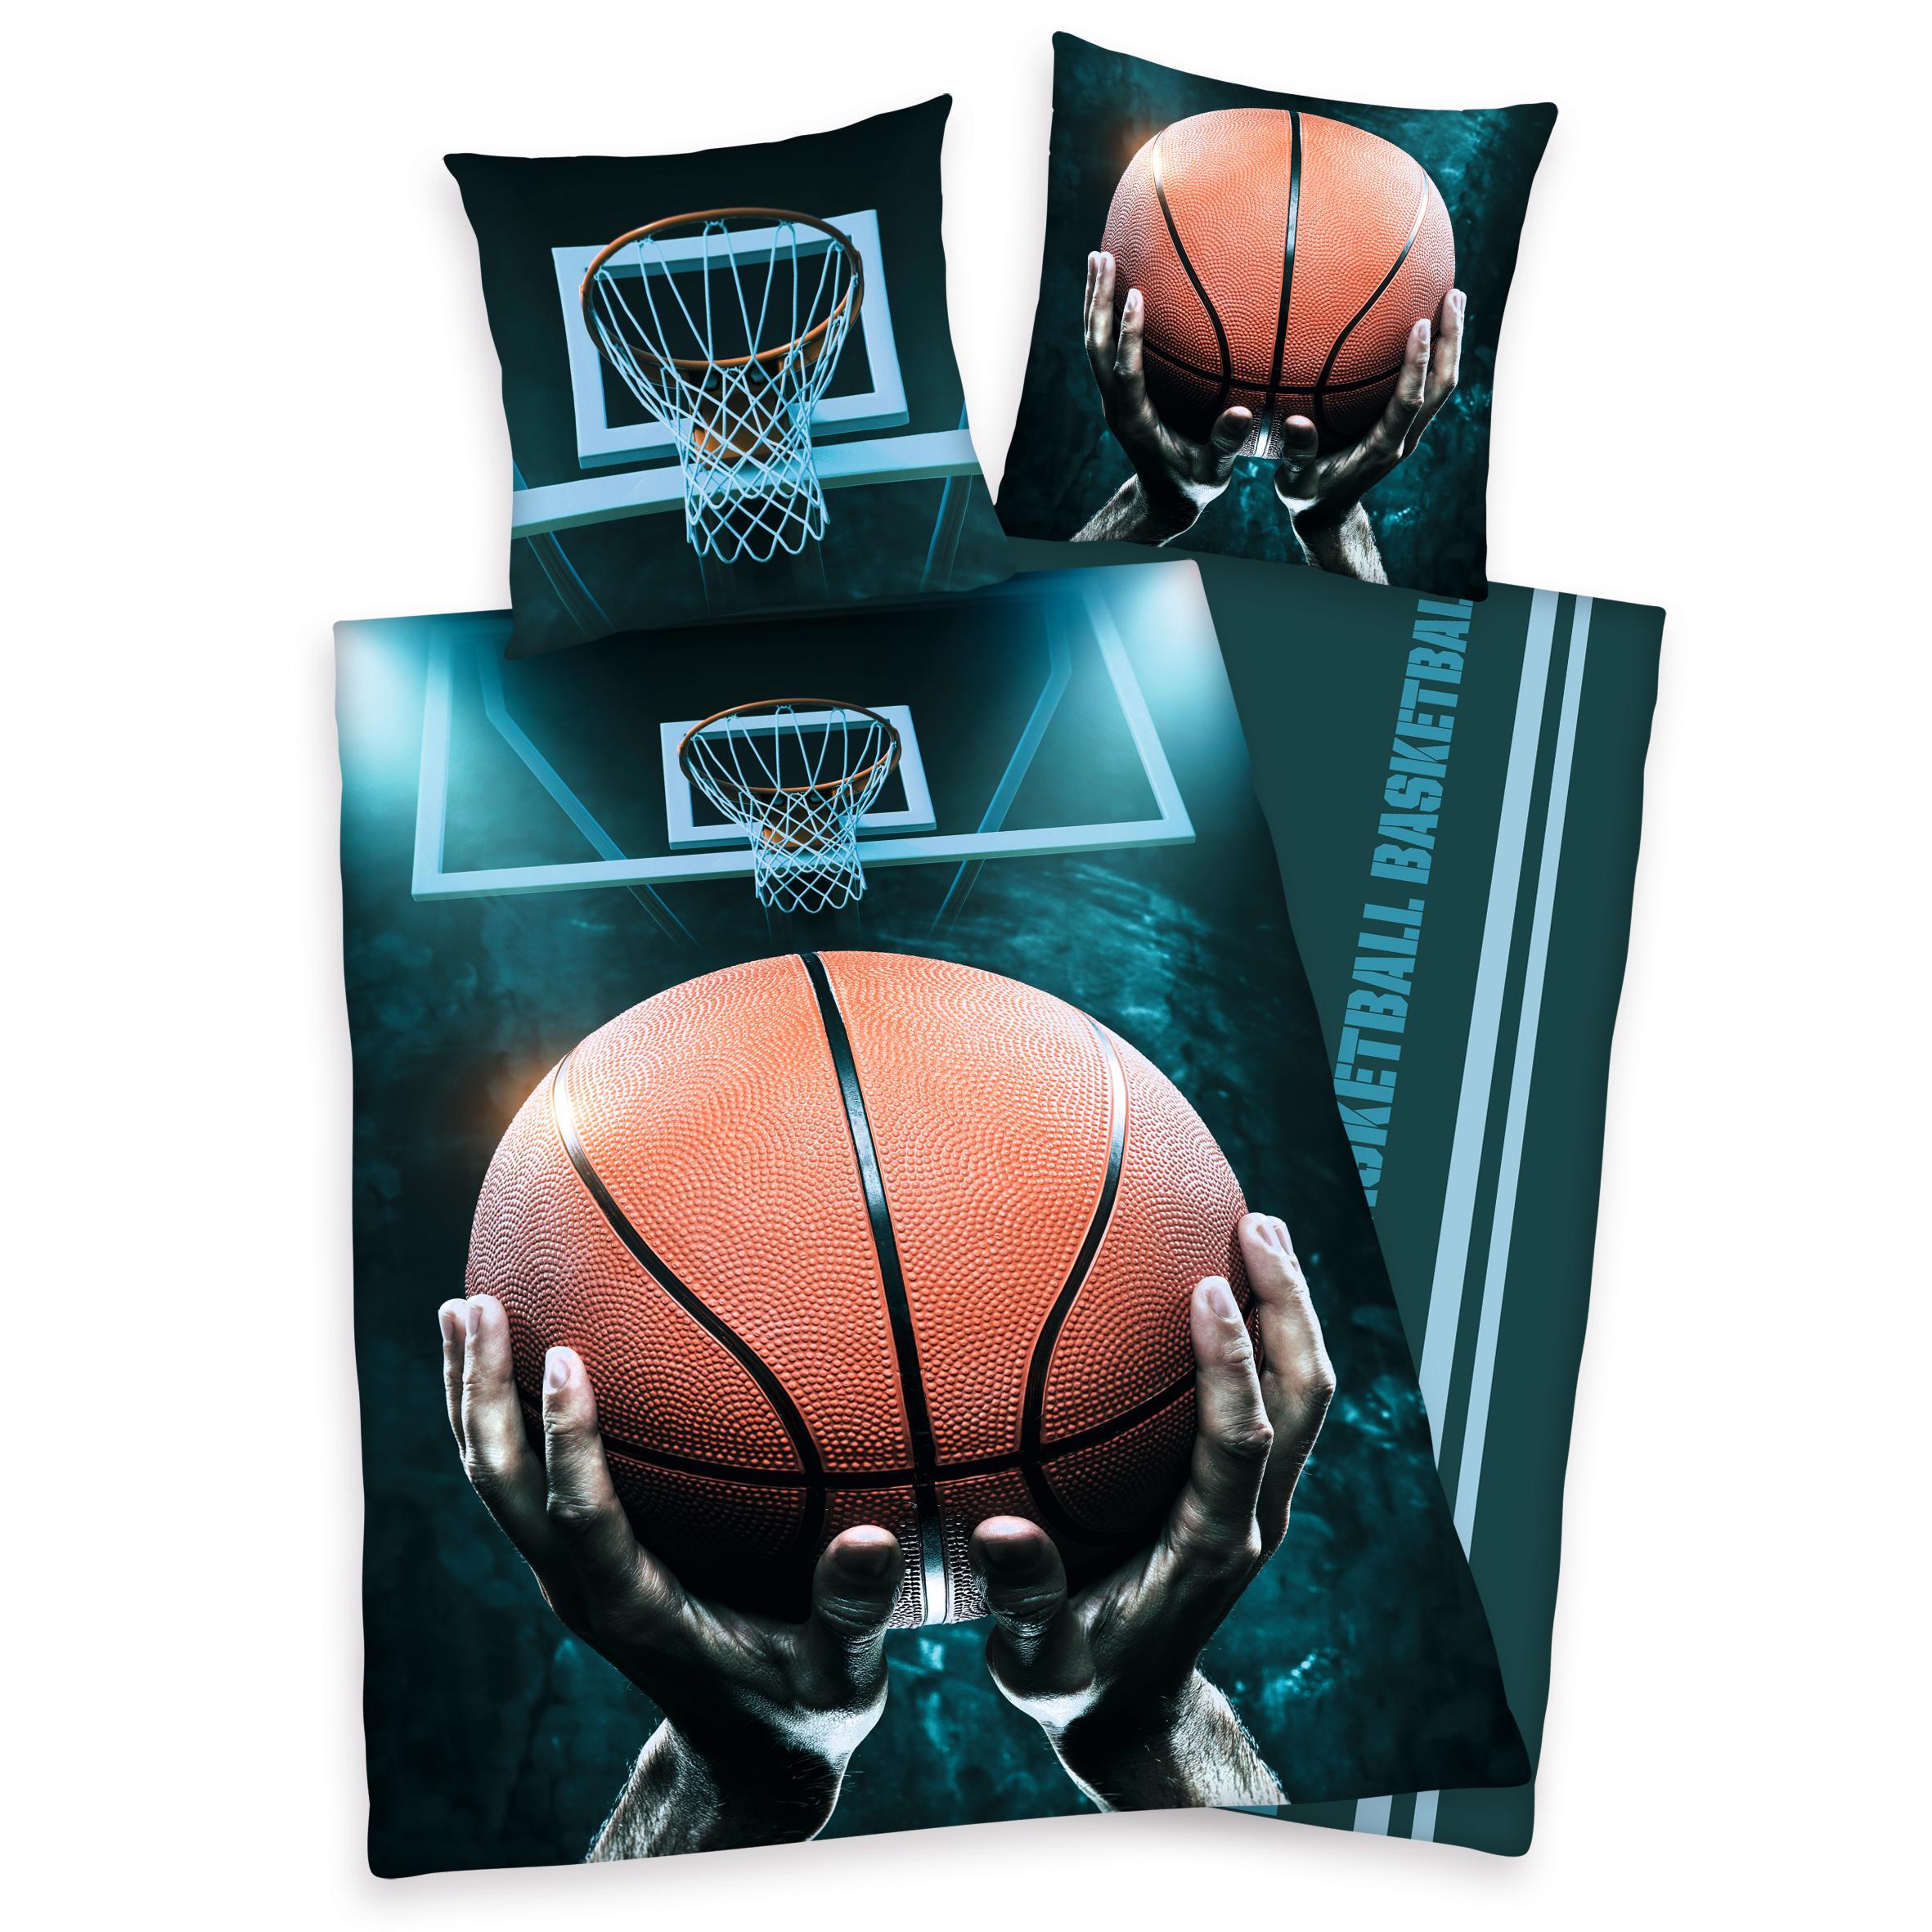 Jugendbettwäsche Basketball Herding Young Collection